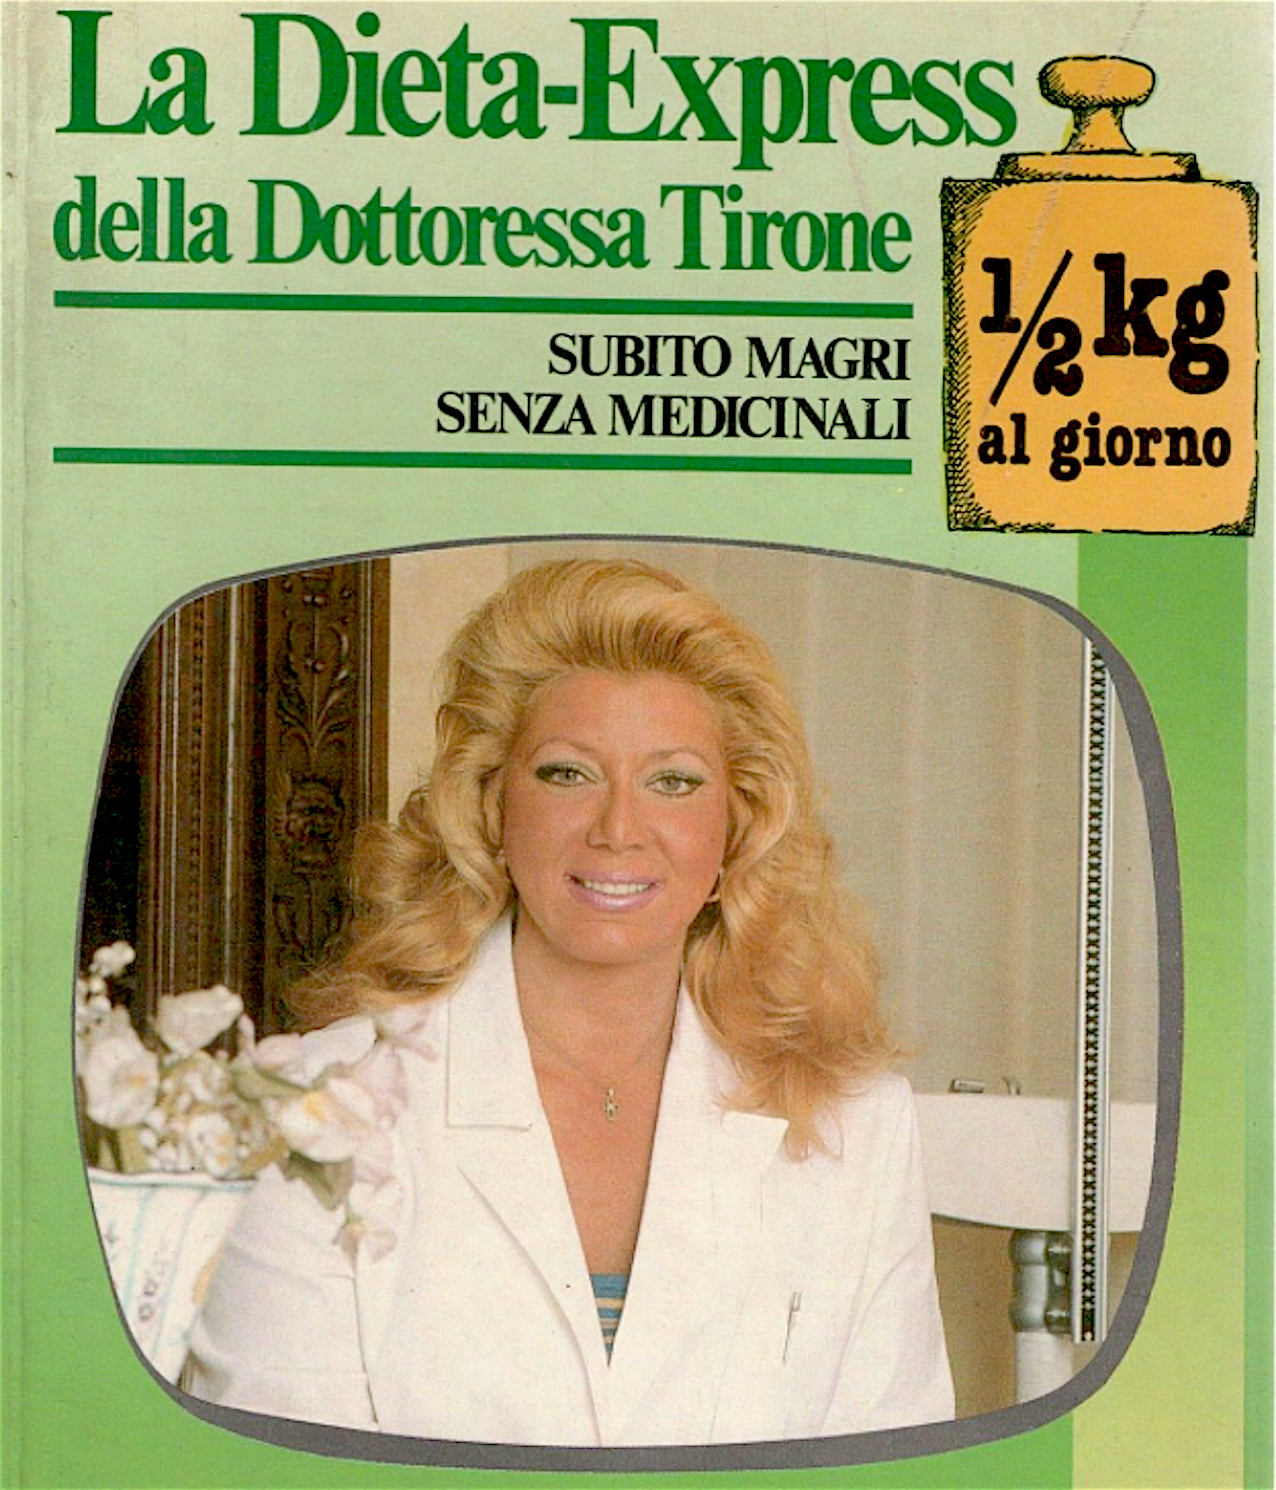 dieta_dottoressa_tirone